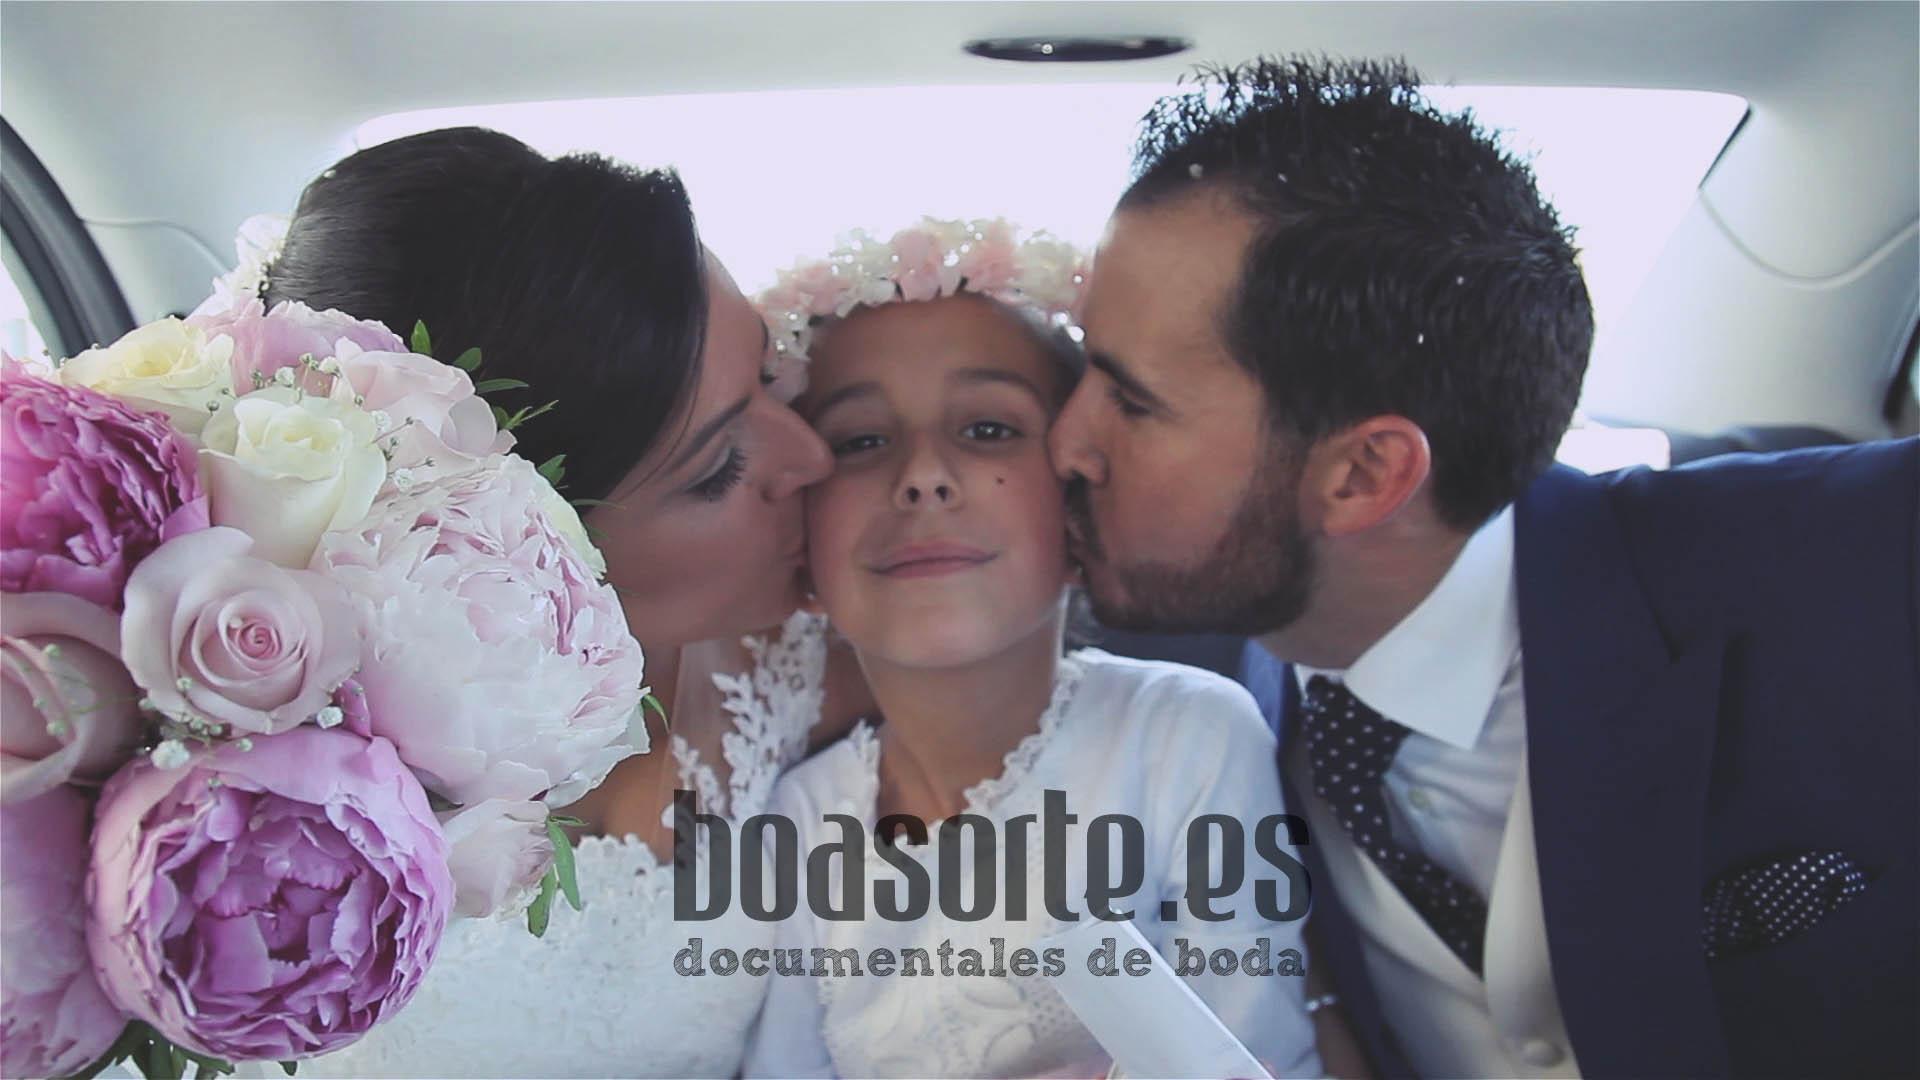 fotografo_bodas_jerez_boasorte11